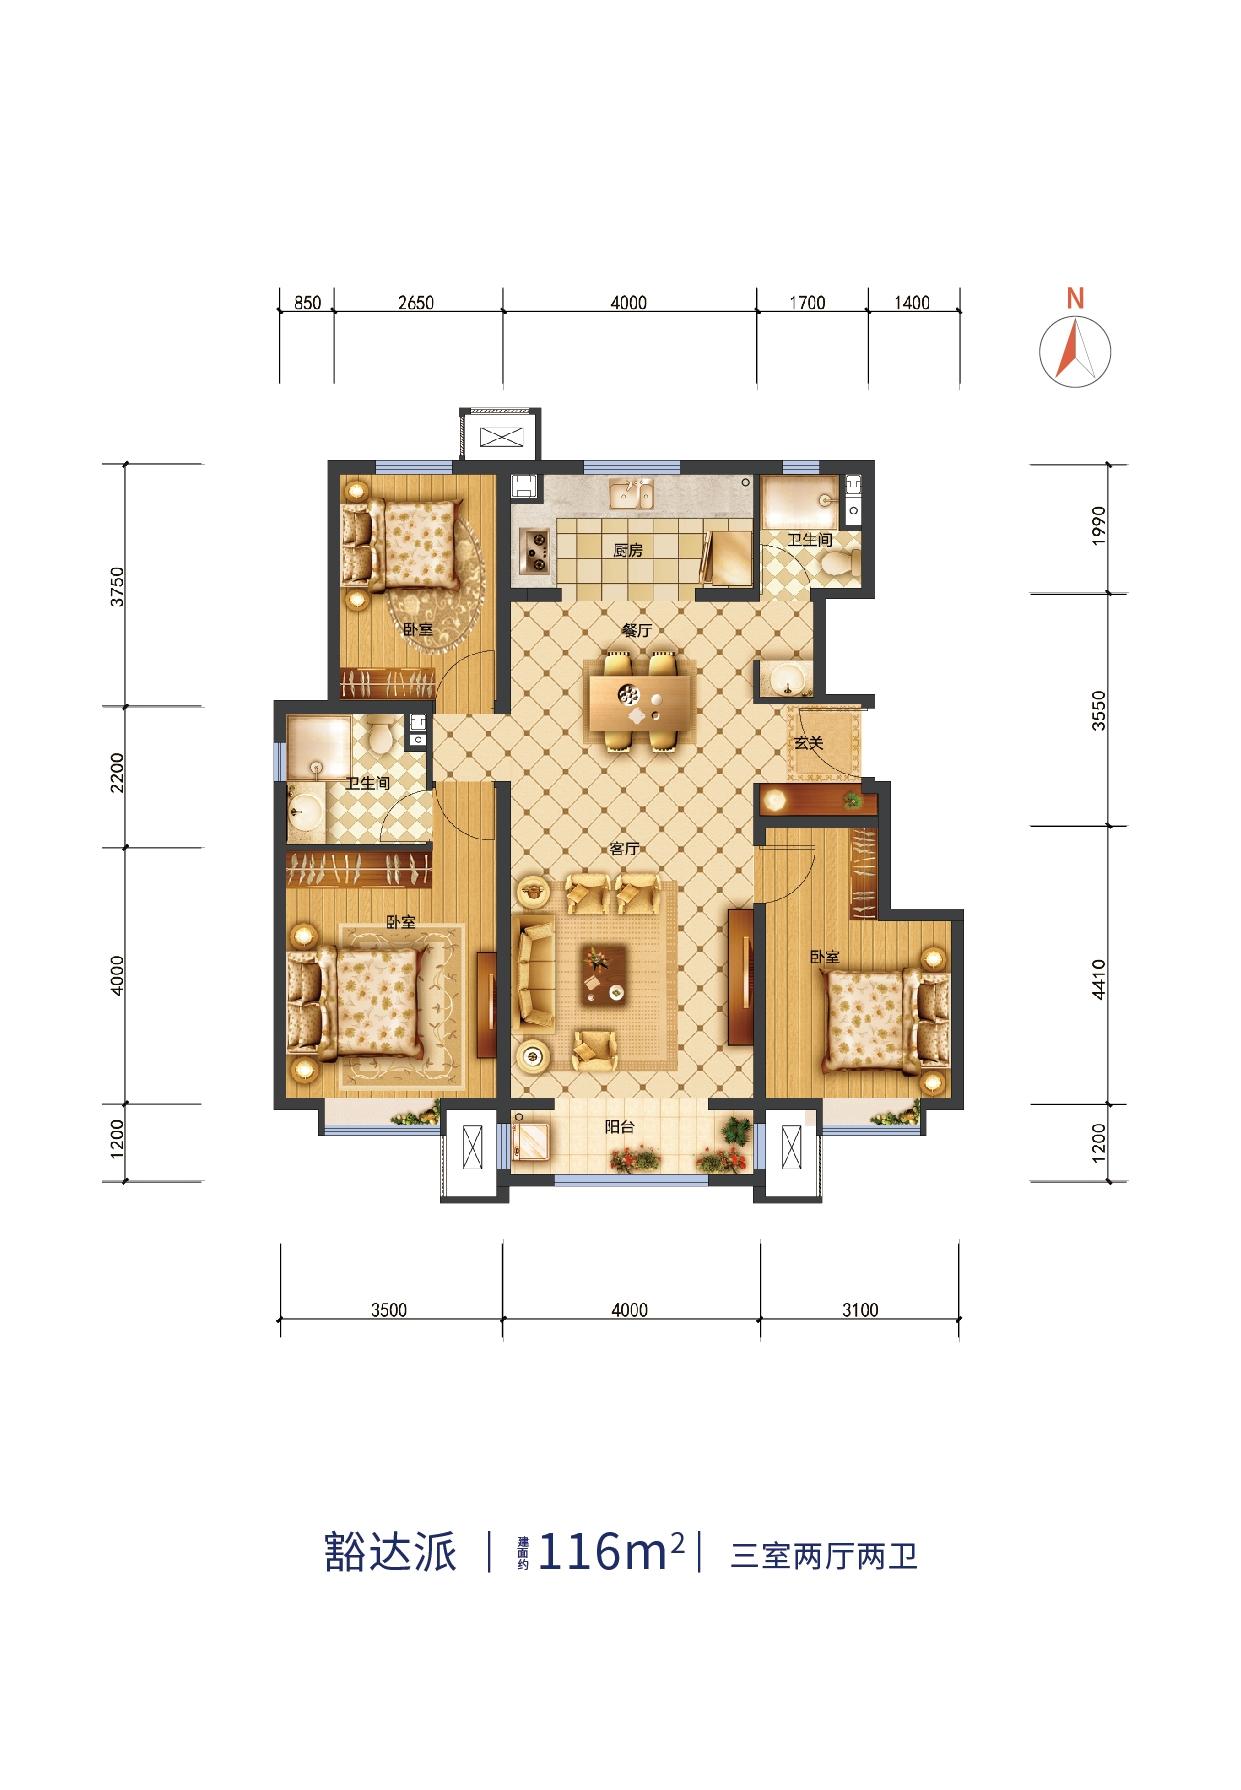 116平米三室两厅两卫